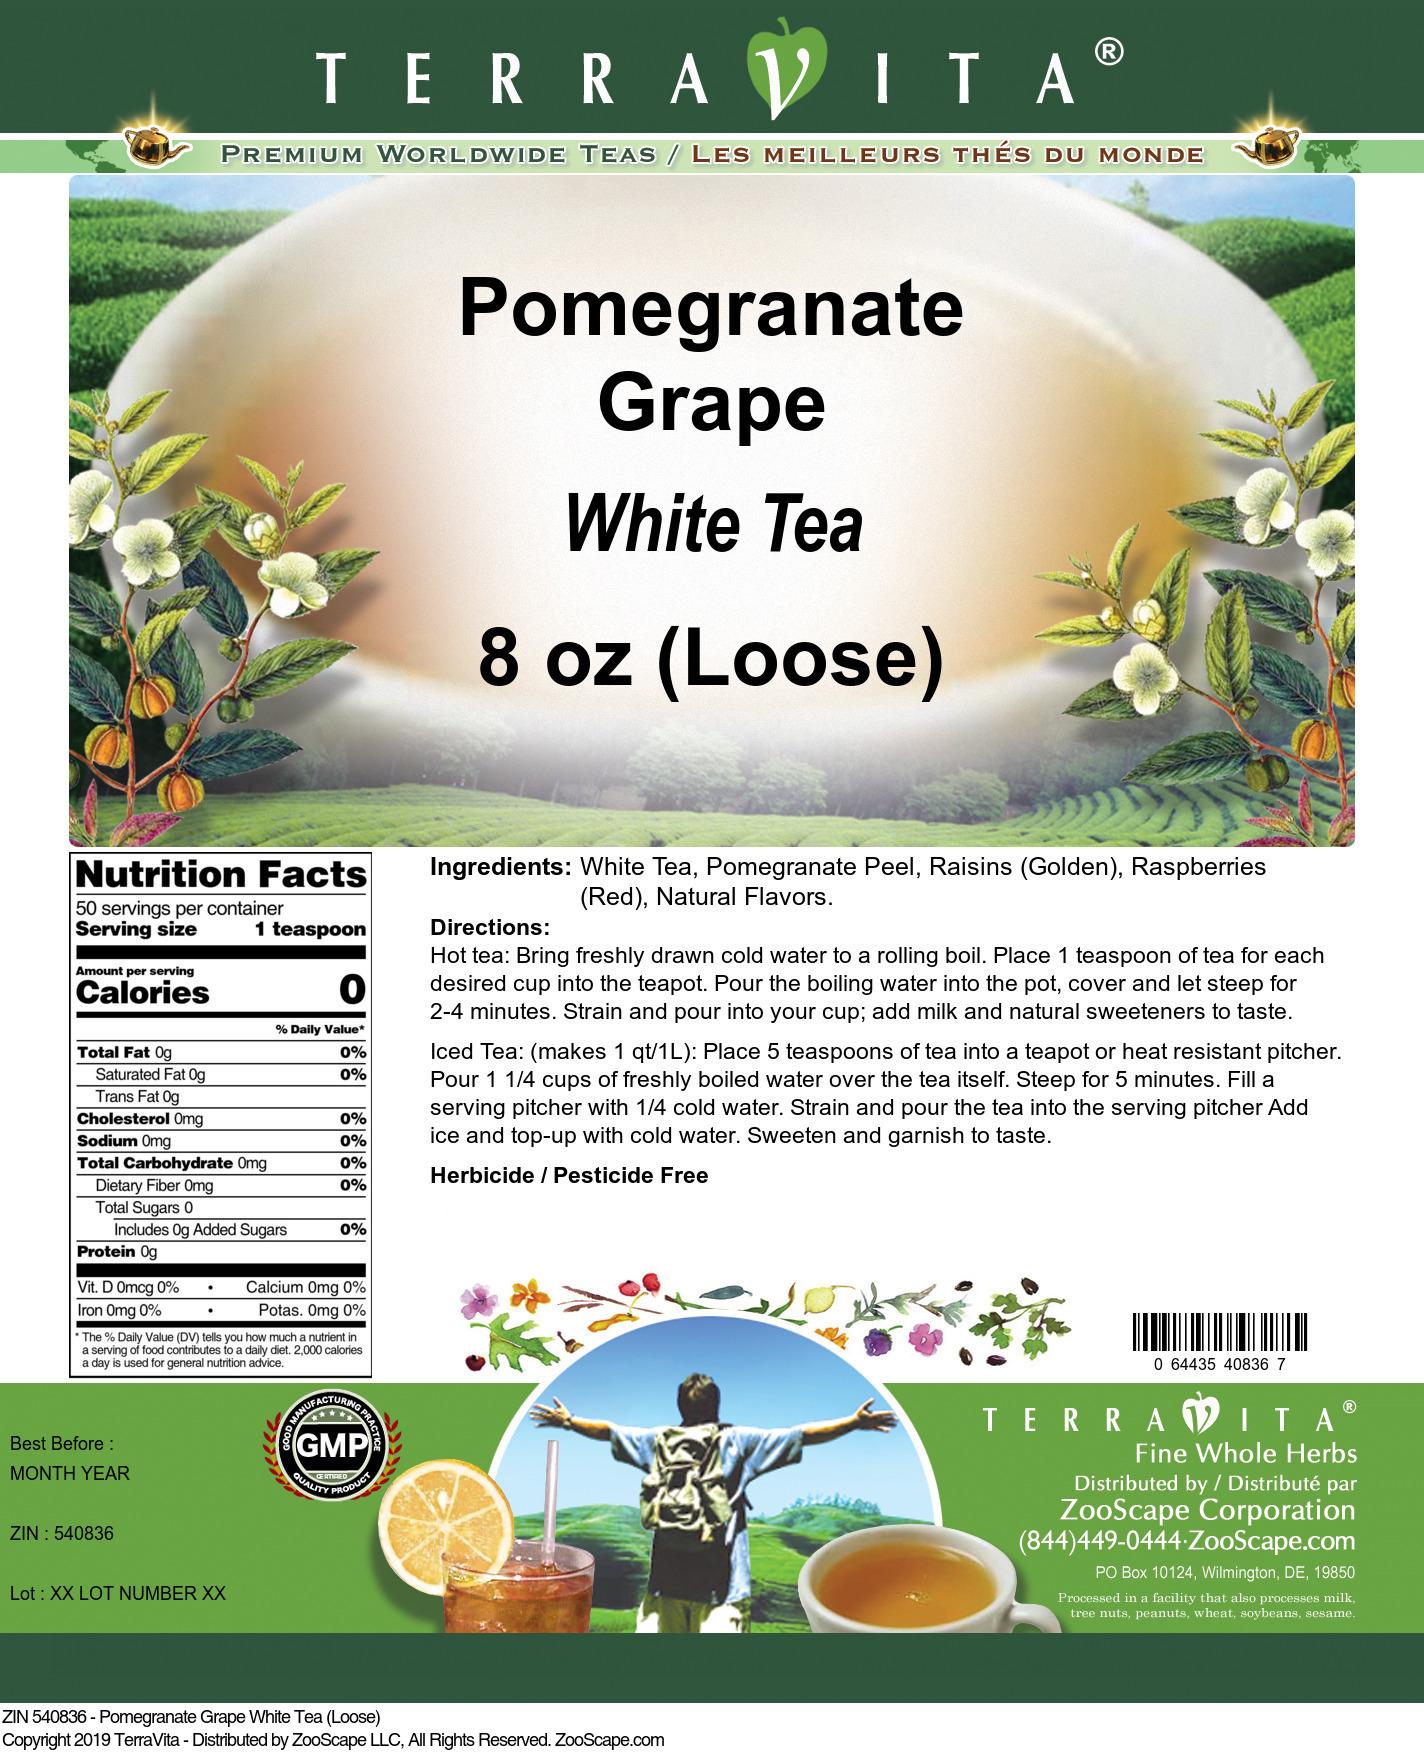 Pomegranate Grape White Tea (Loose)